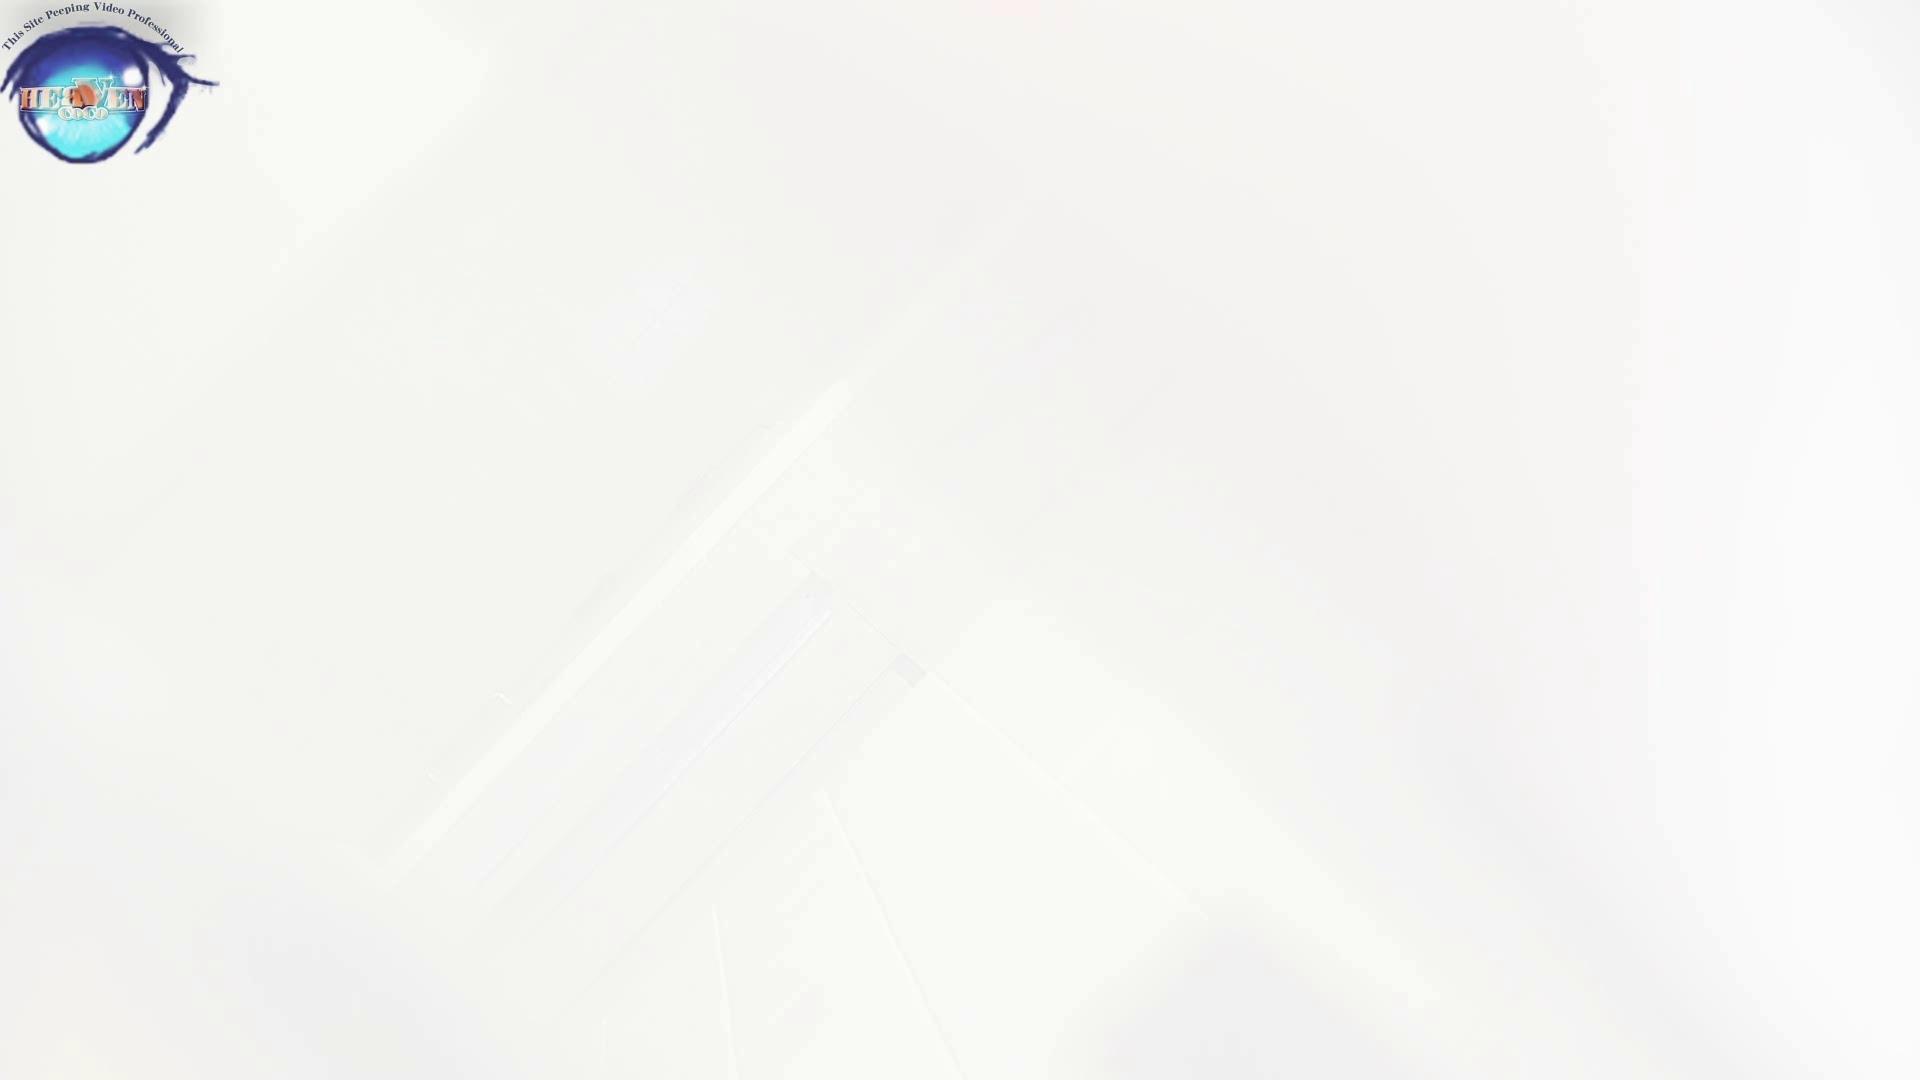 洗面所突入レポート!!お銀 vol.68 無謀に通路に飛び出て一番明るいフロント撮り実現 前編 洗面所編   0  86PIX 51